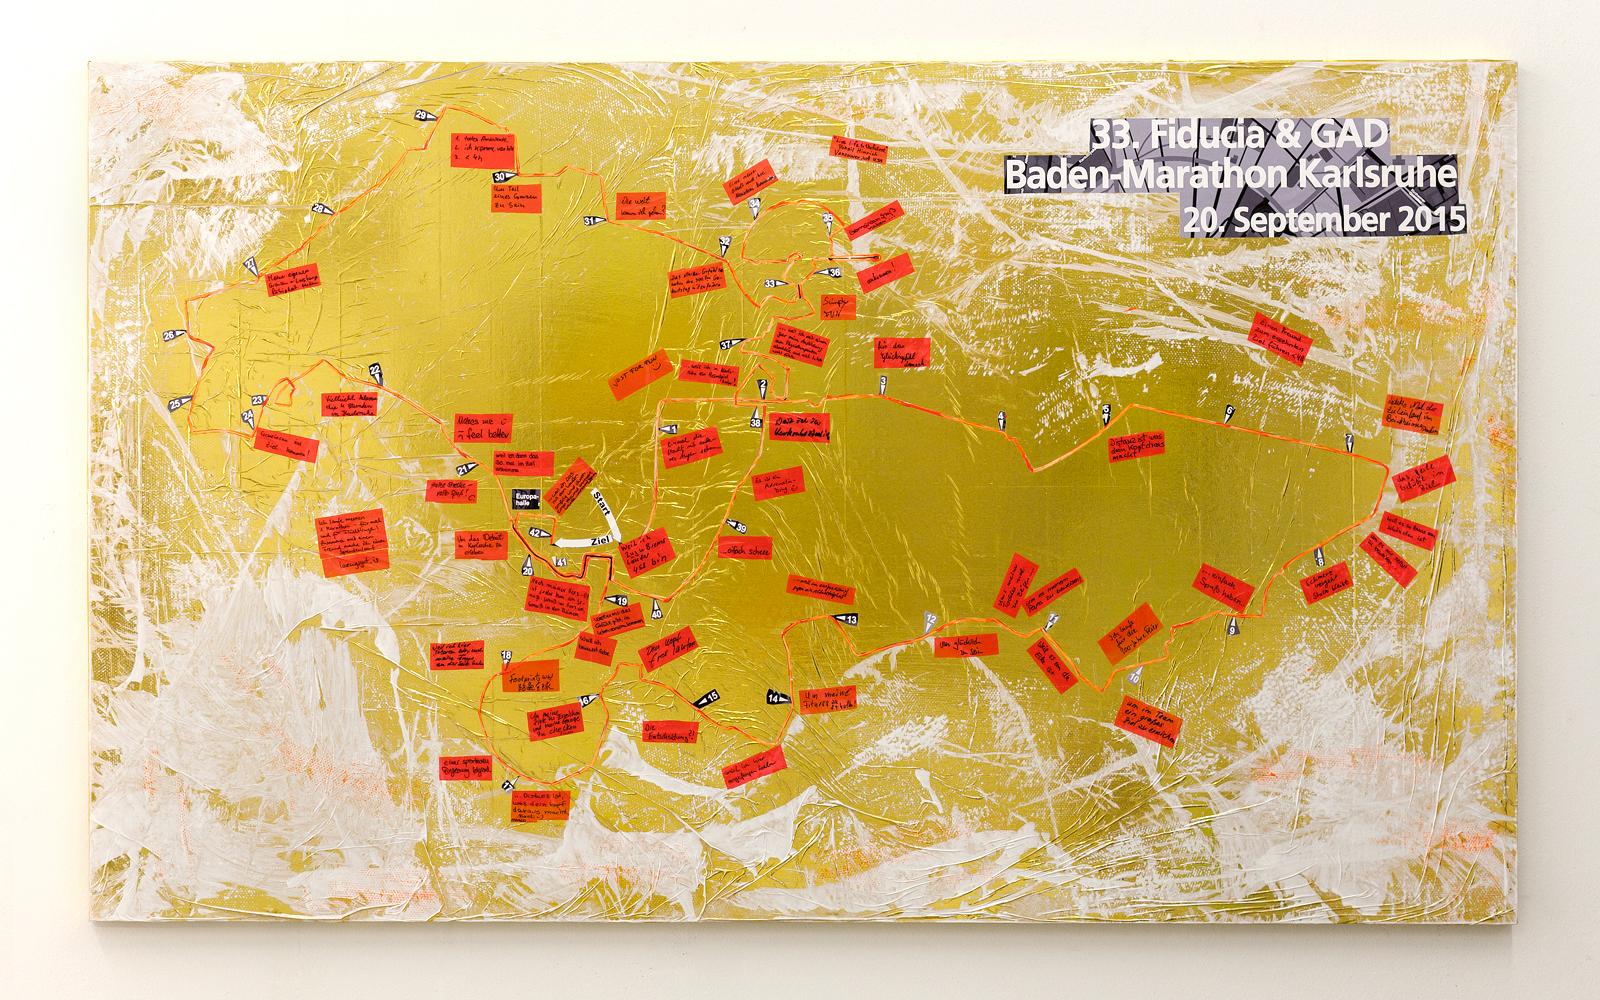 Aktion_Hinterlasse_Deine_Spur_Baden_Marathon2015